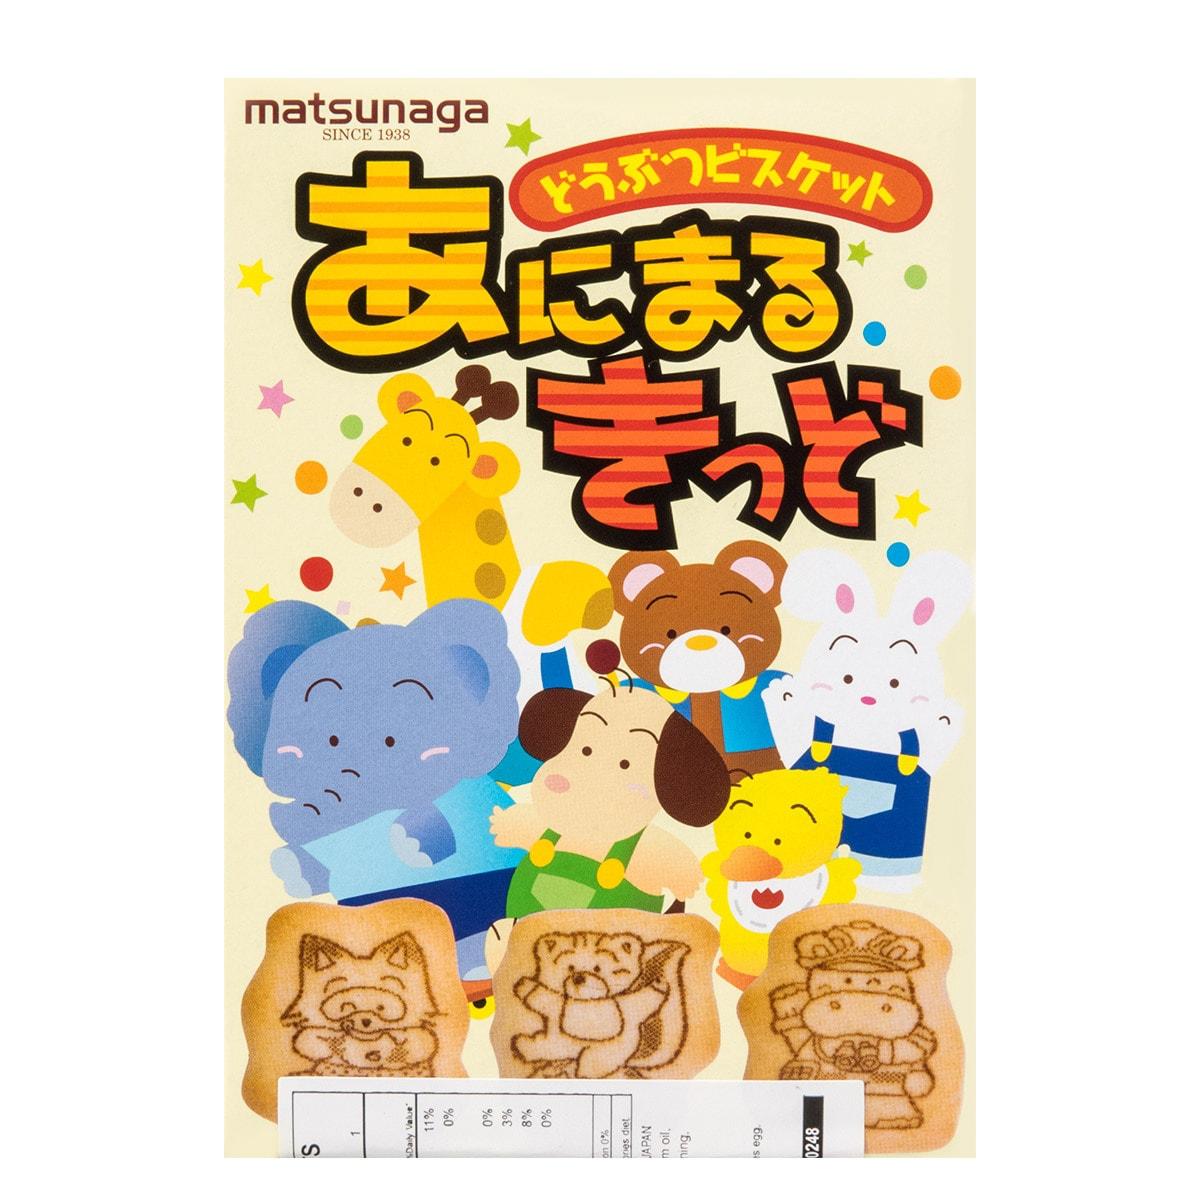 【儿童食品】日本MATSUNAGA 松永 迷你动物造型饼干35g 适合两岁以上宝宝 怎么样 - 亚米网